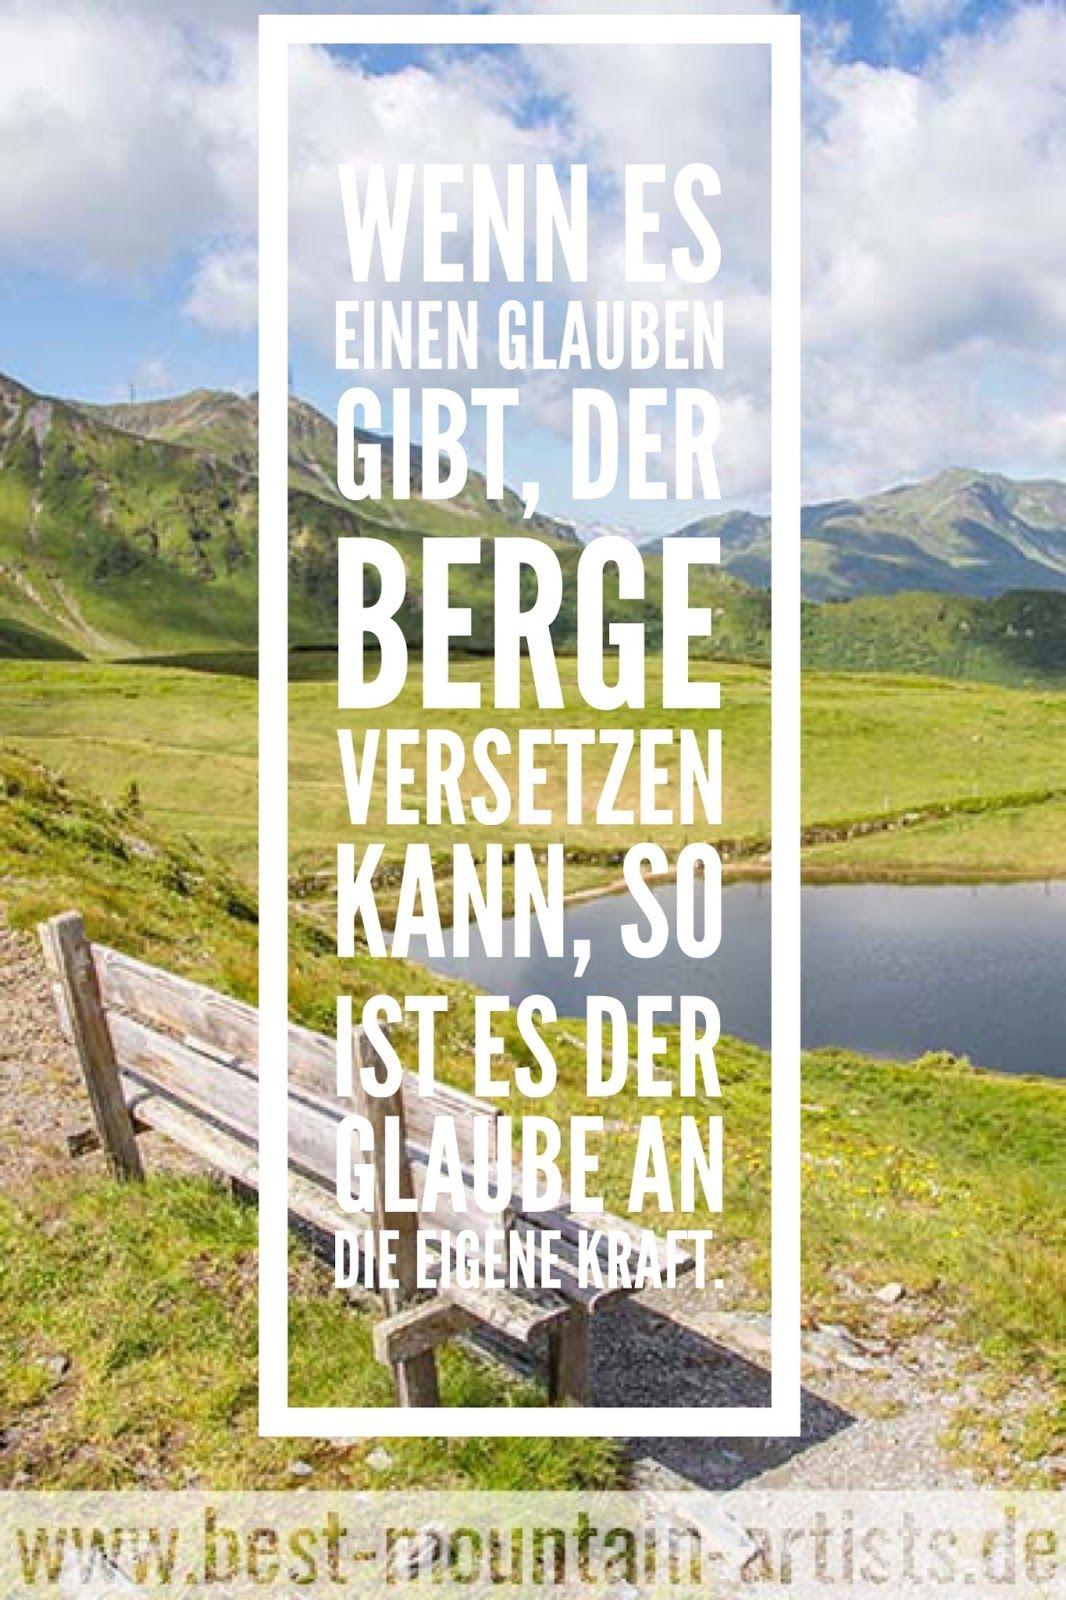 Die 100 Besten Wanderzitate Zitate Zitat Wand Und Berge